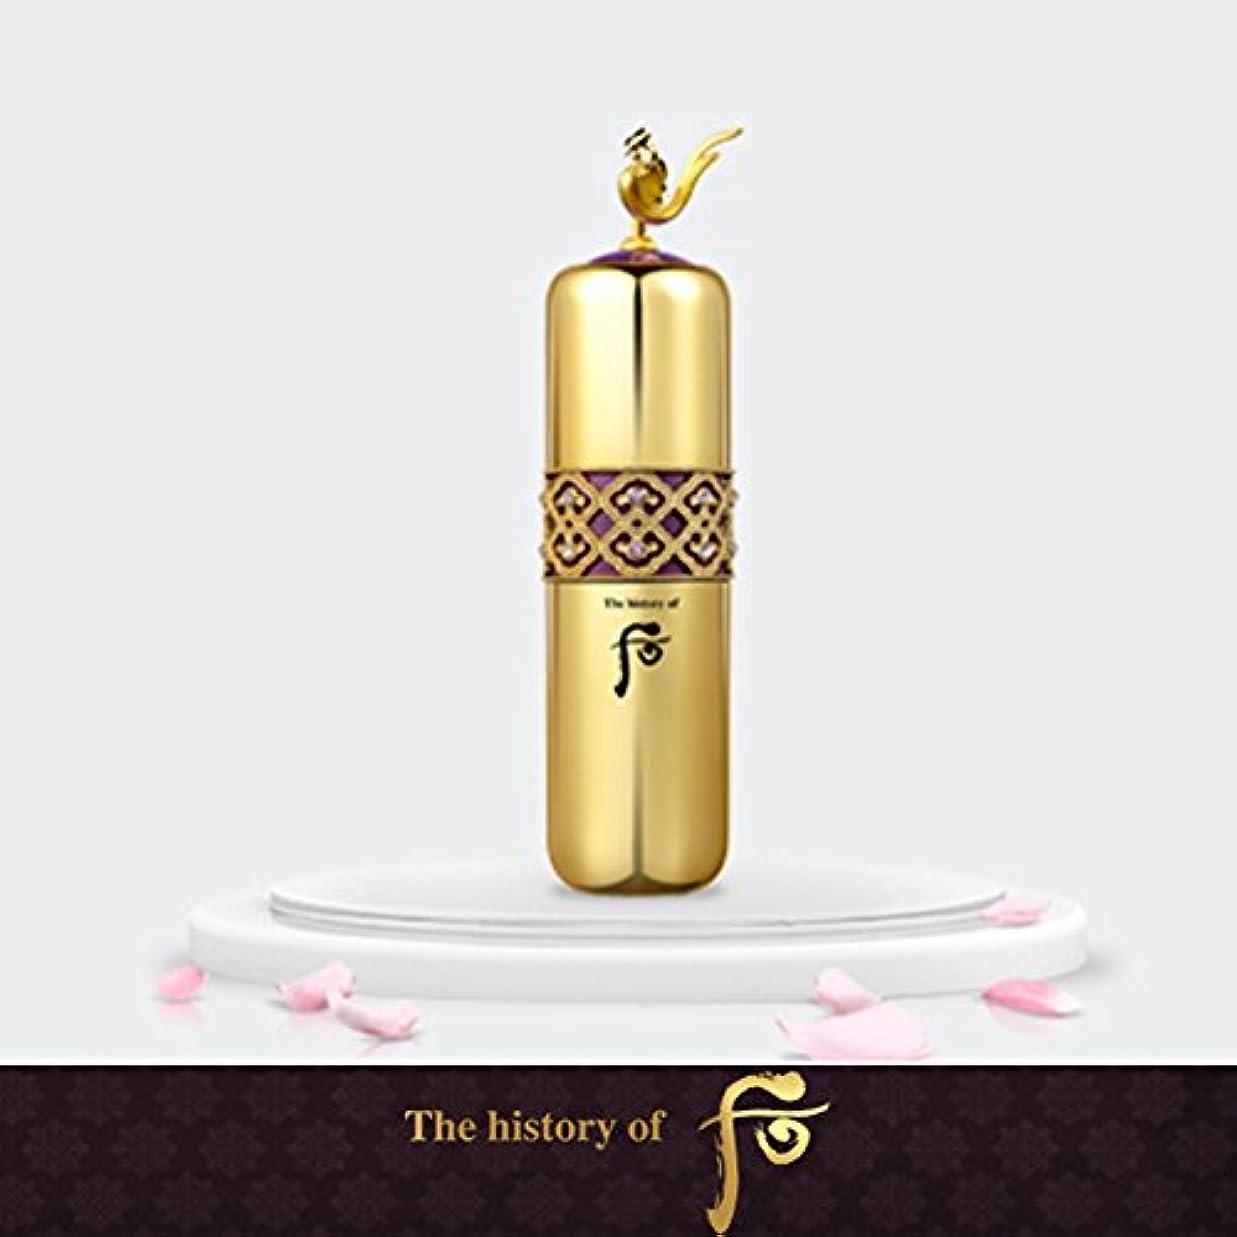 噴水閲覧する計算する【フー/The history of whoo] Whoo后 Hwanyu Signature Ampoule/后(フー)よりヒストリー?オブ?後環留保額アンプル40ml+[Sample Gift](海外直送品)